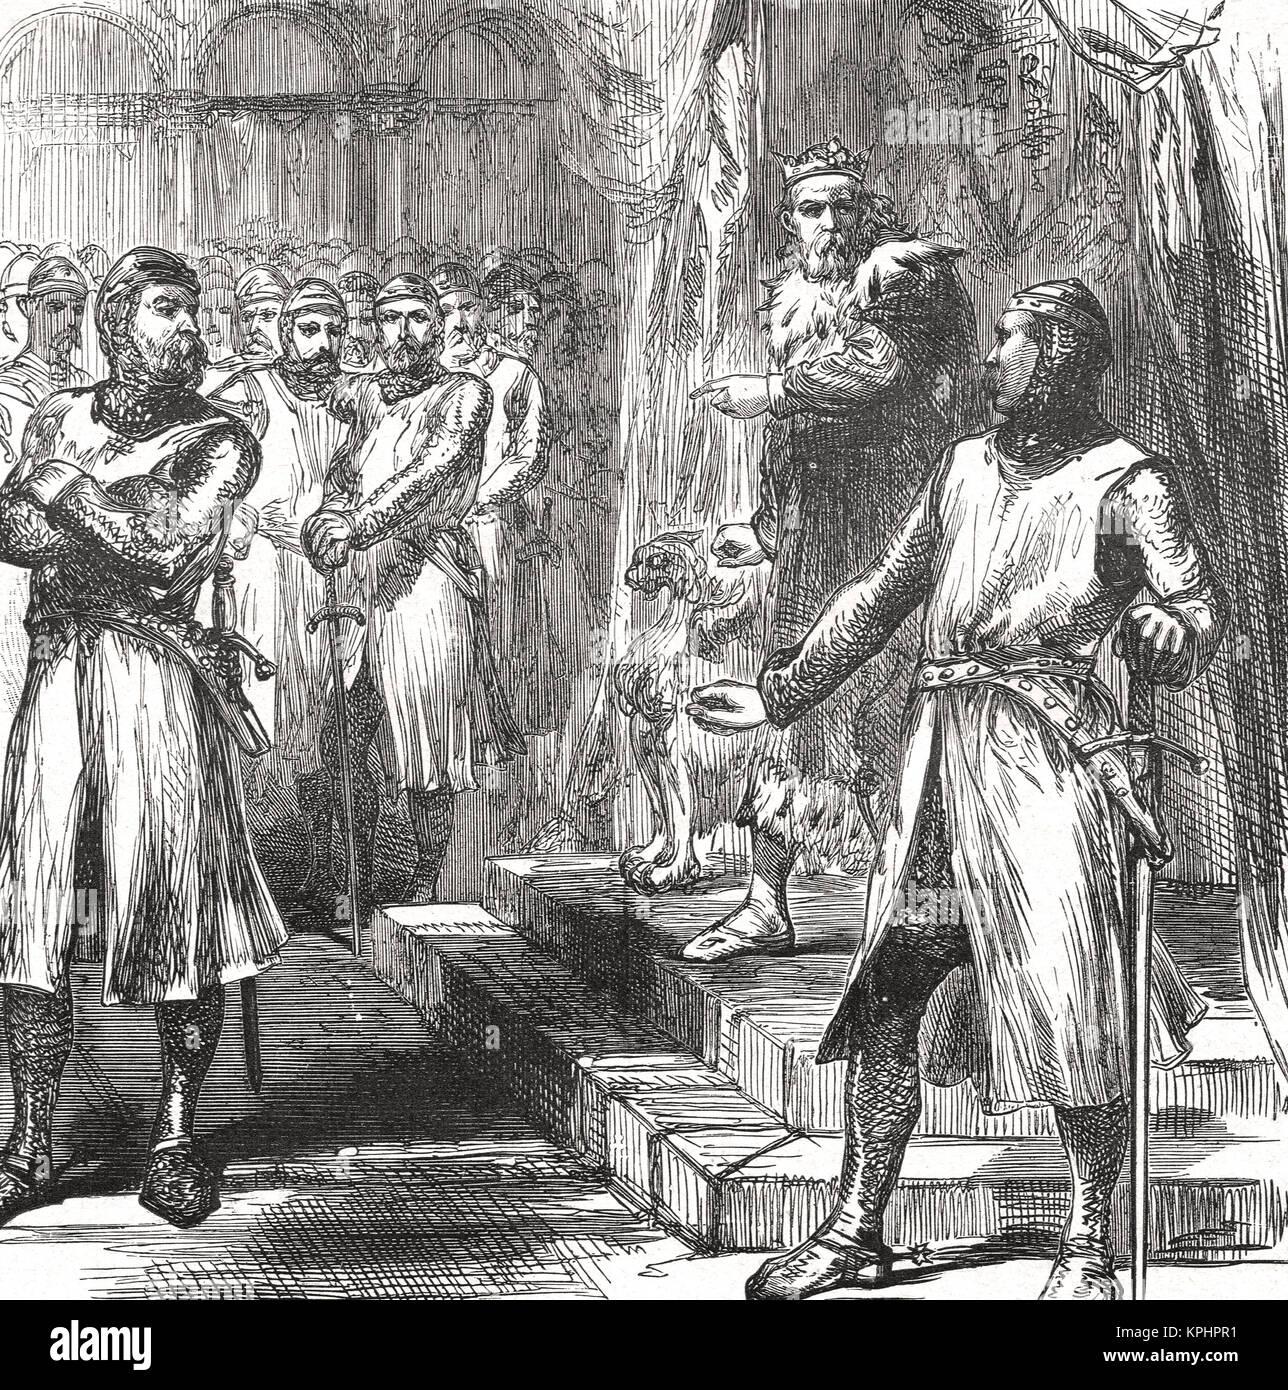 Barons revolt against Edward I, 1297 - Stock Image